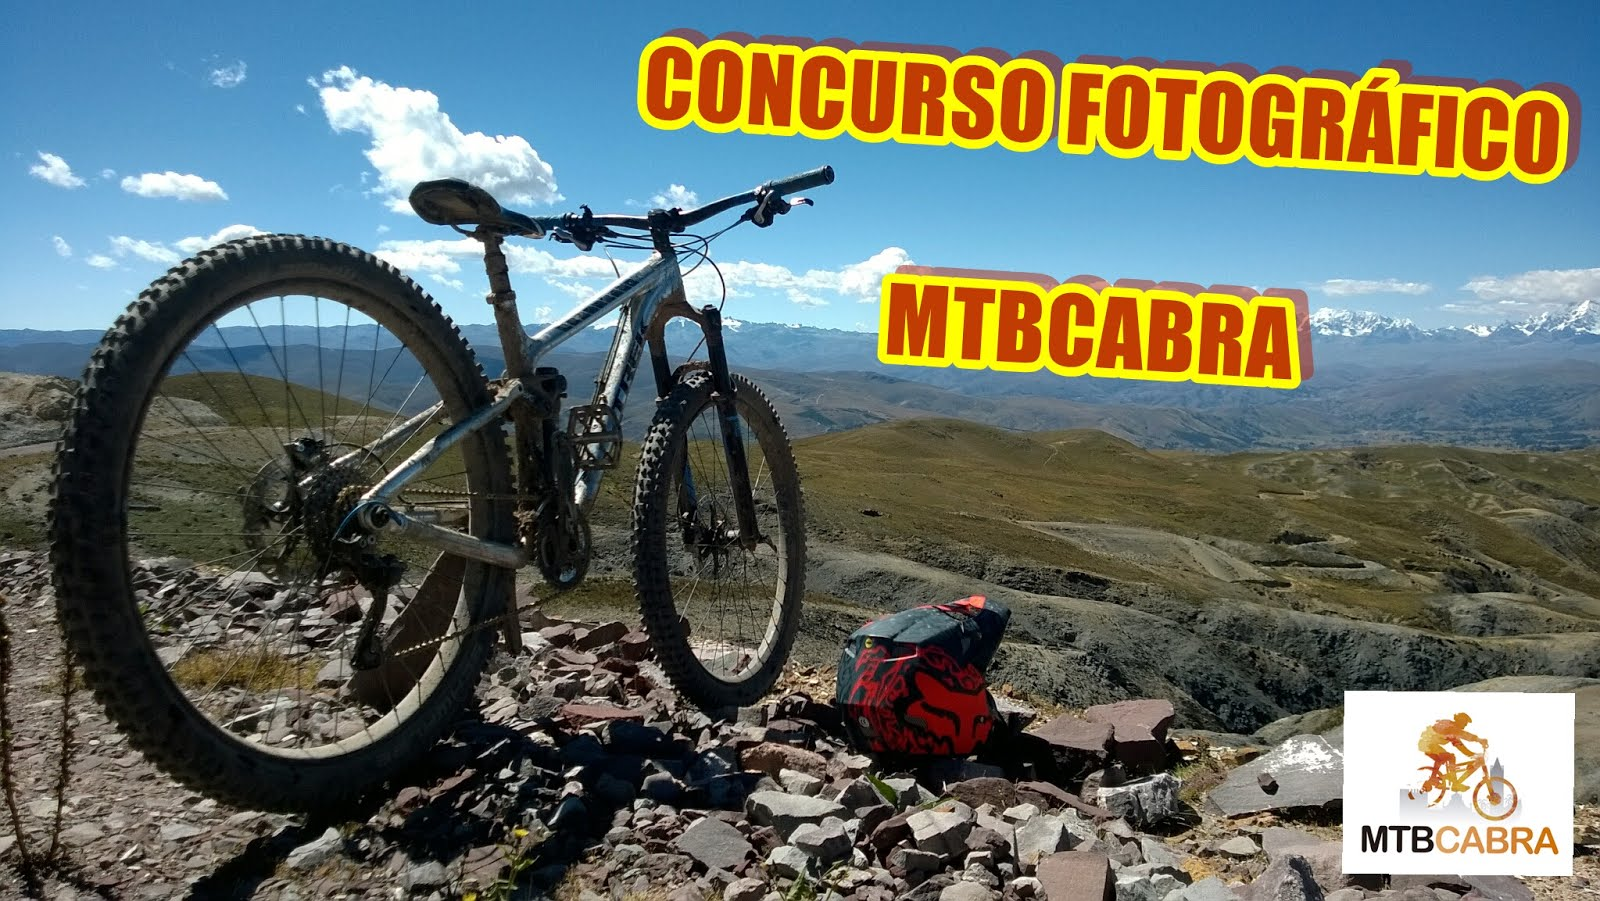 FOTOS MTBCABRA